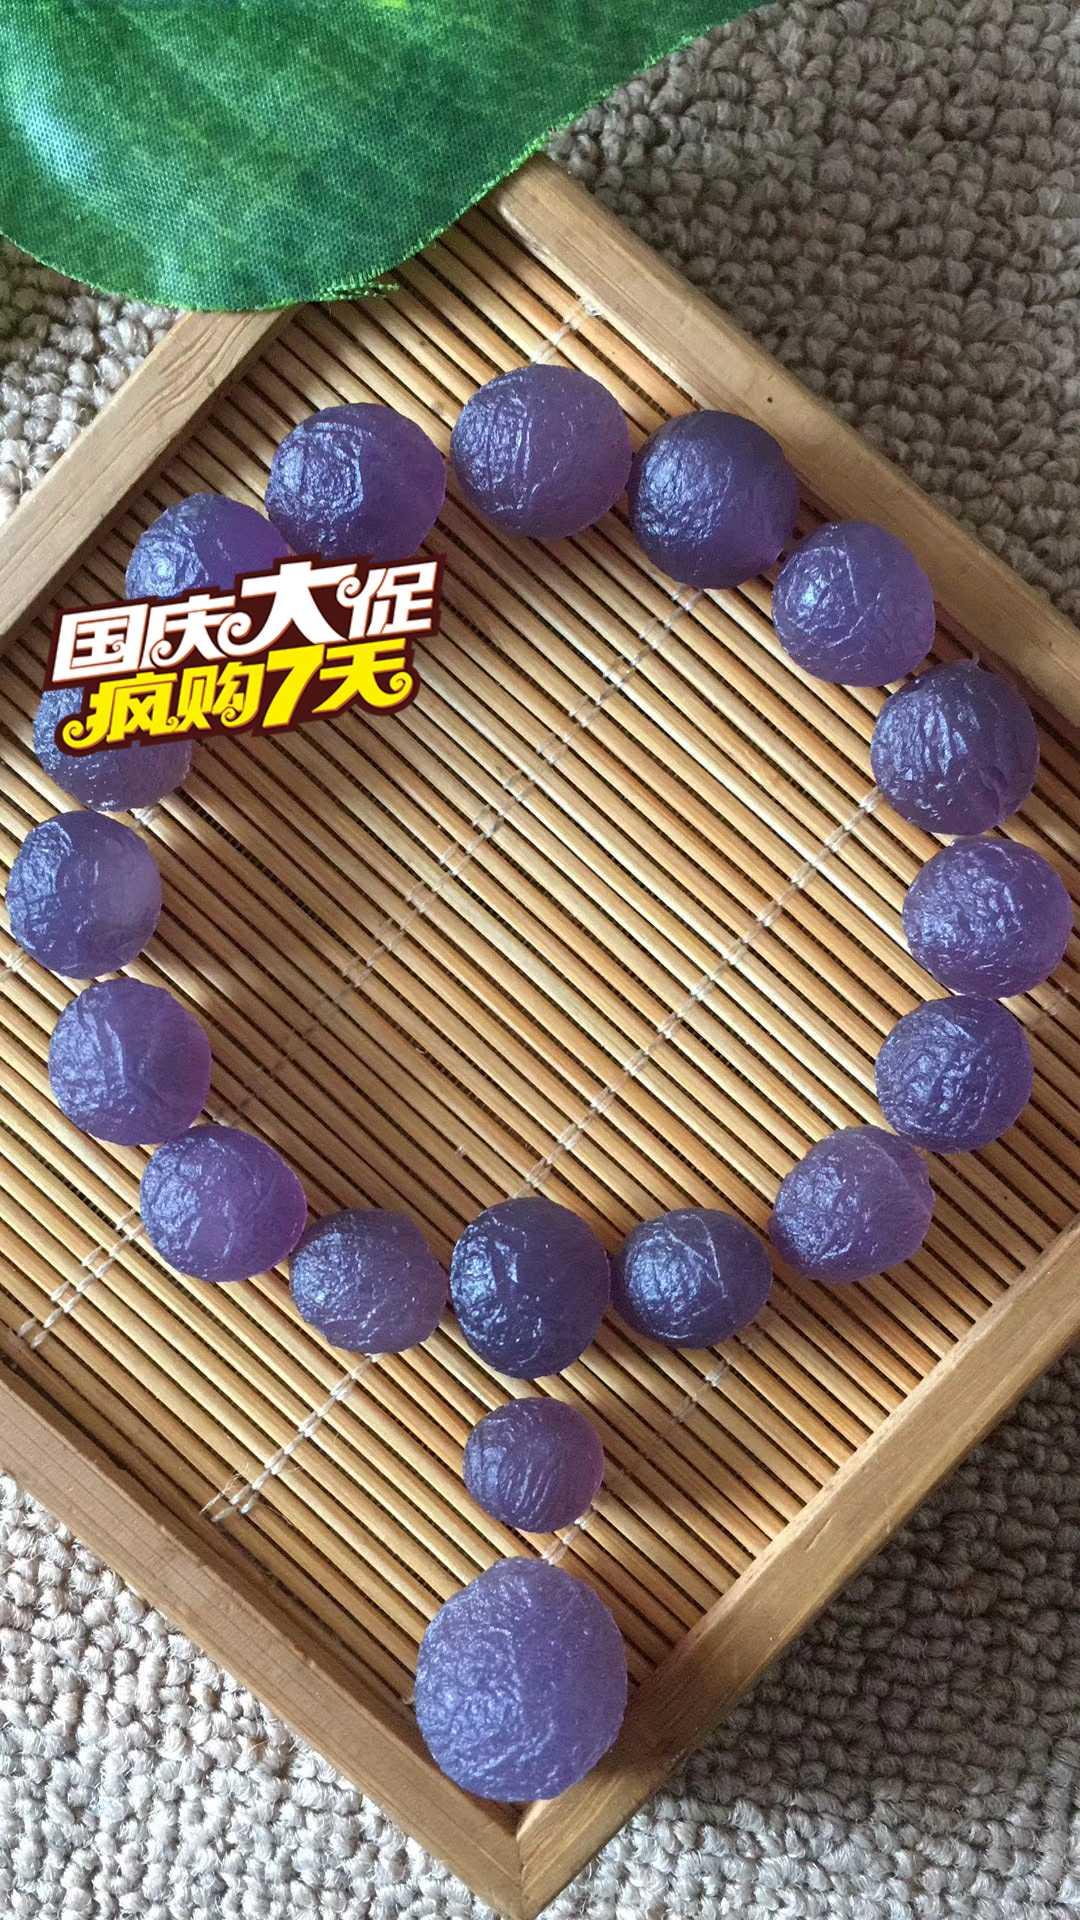 小宁石屋收藏级精品蒙古戈壁石阿拉善紫罗兰明紫筋脉玛瑙手串手链